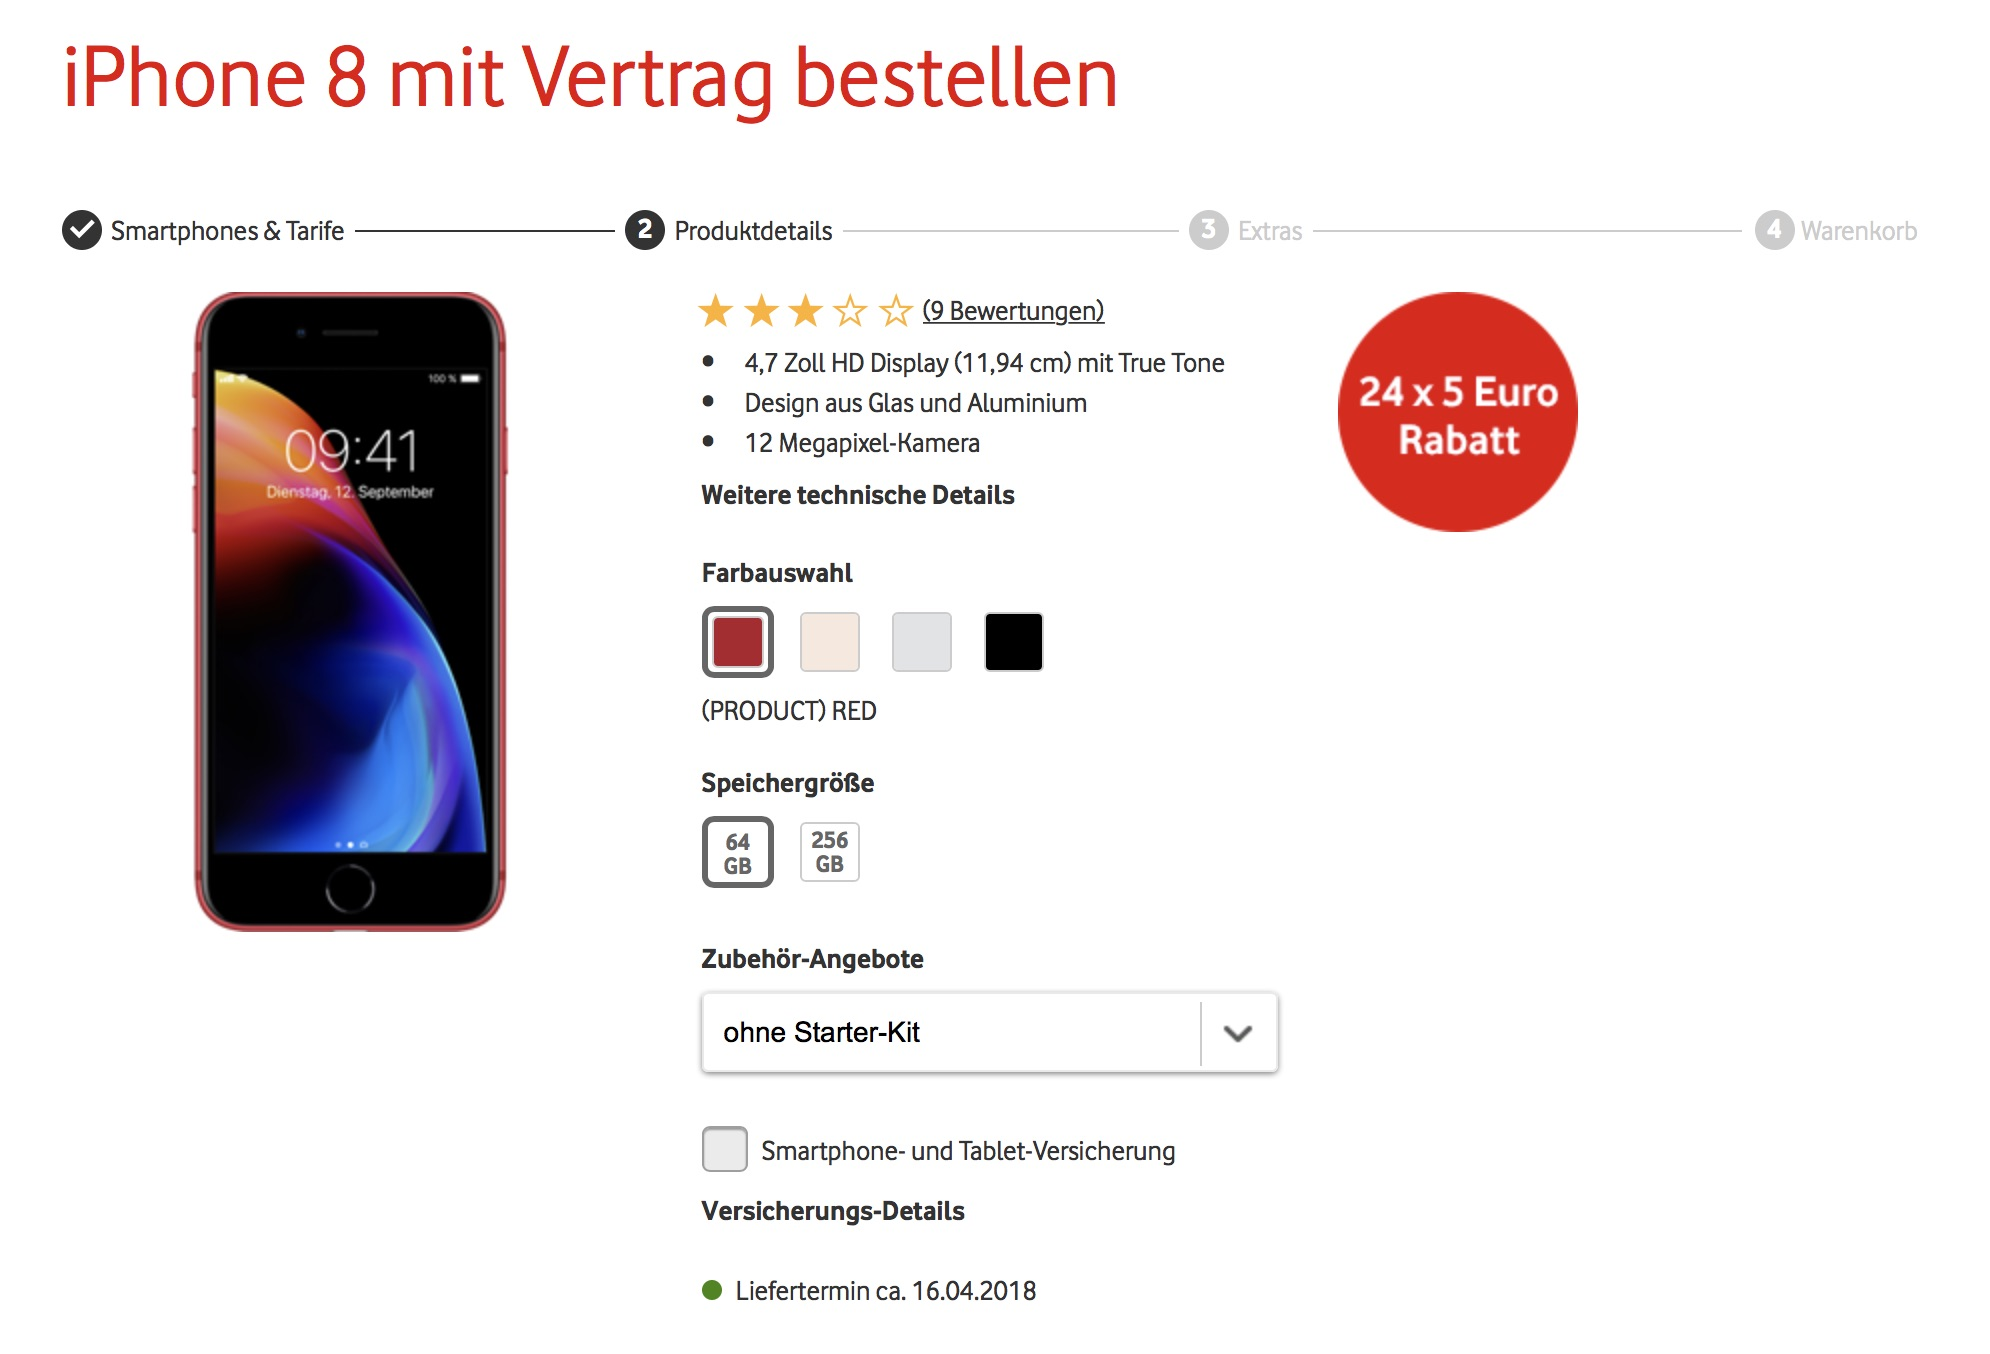 Vodafone Rotes Iphone 8 Jetzt Bestellen 120 Euro Zusätzlichet